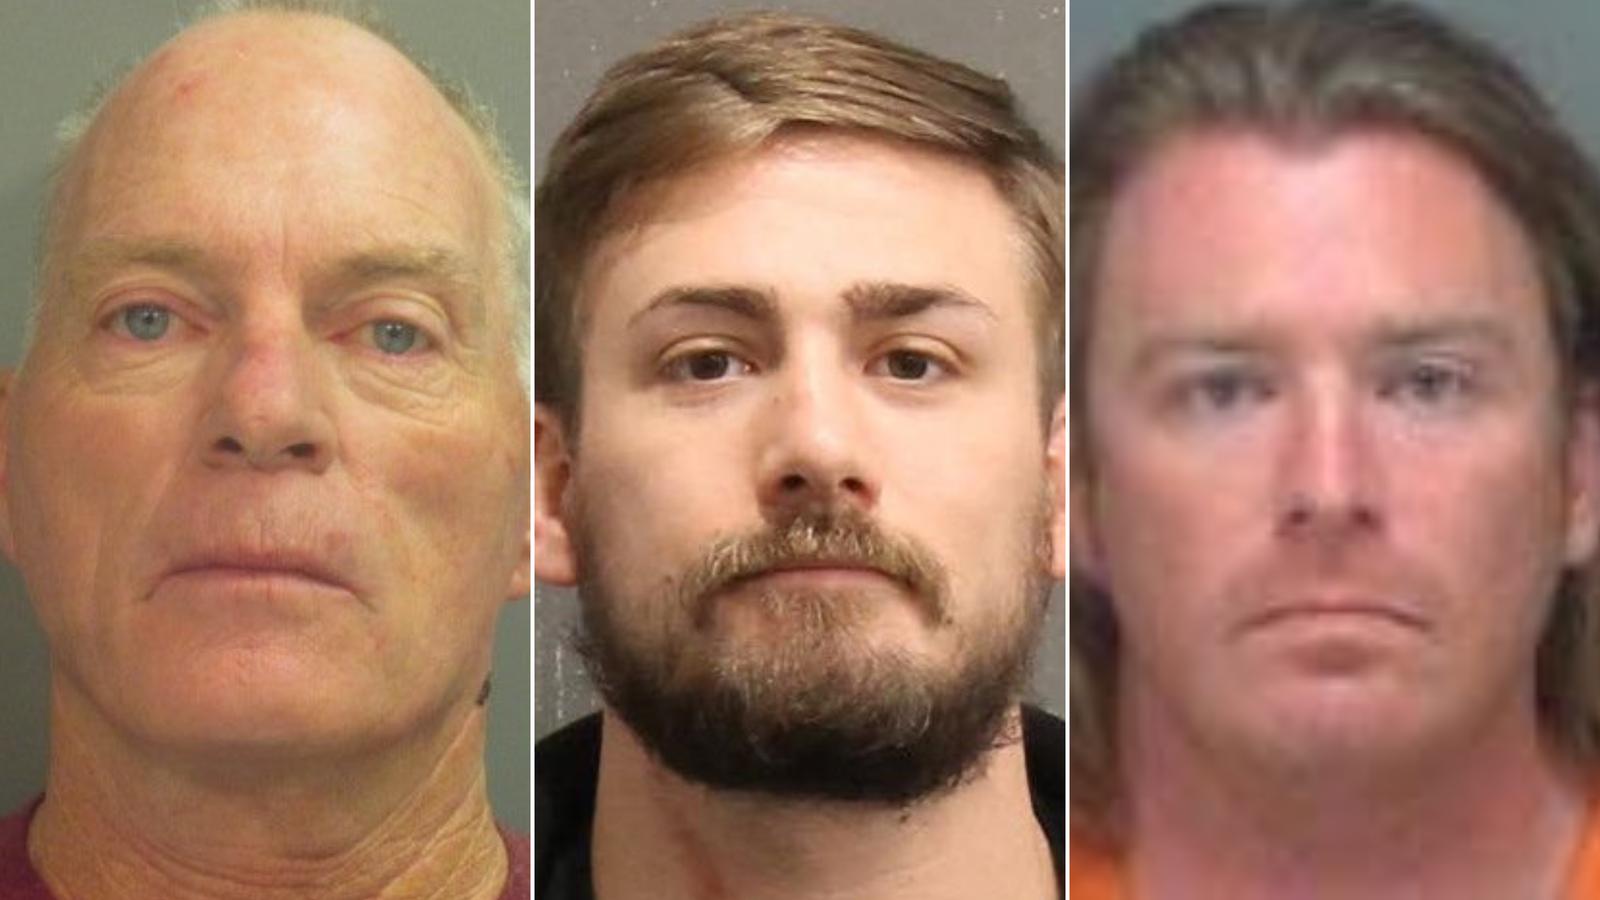 From left, Richard Barnett, Eric Munchel and Adam Johnson.